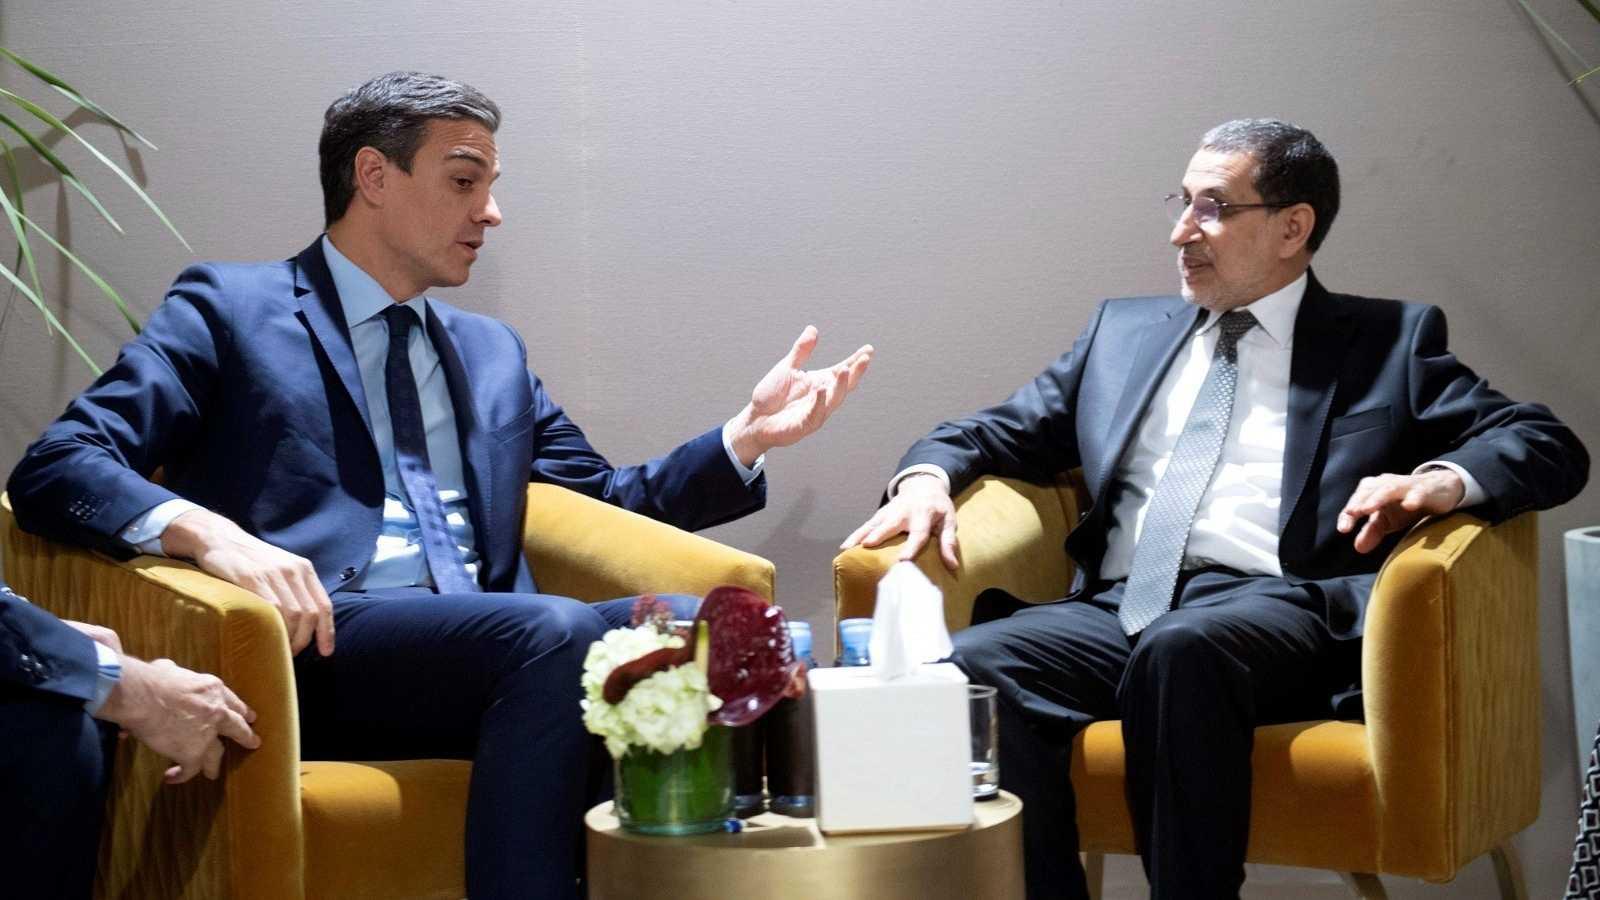 El presidente Pedro Sánchez, junto a su homólogo marroquí, Saadeddine Othmani, en 2018